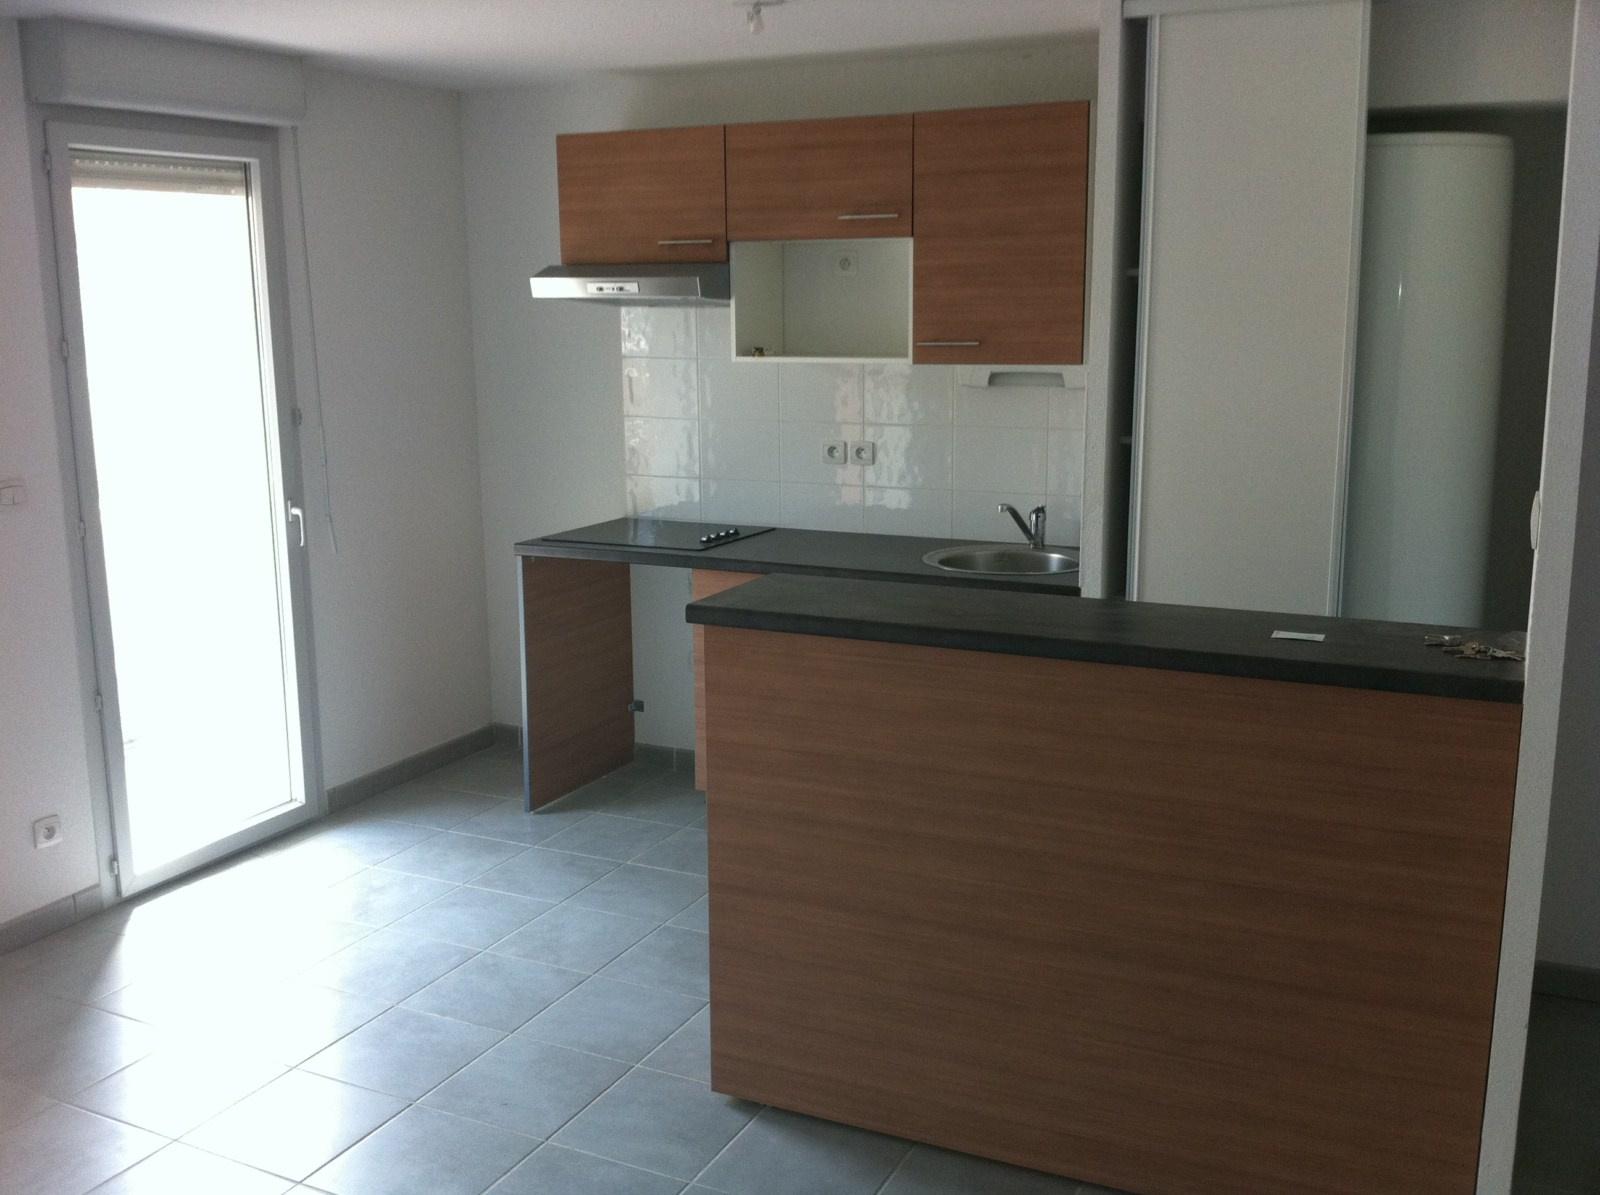 Location appartement toulouse 31000 sur le partenaire for Location appartement atypique toulouse